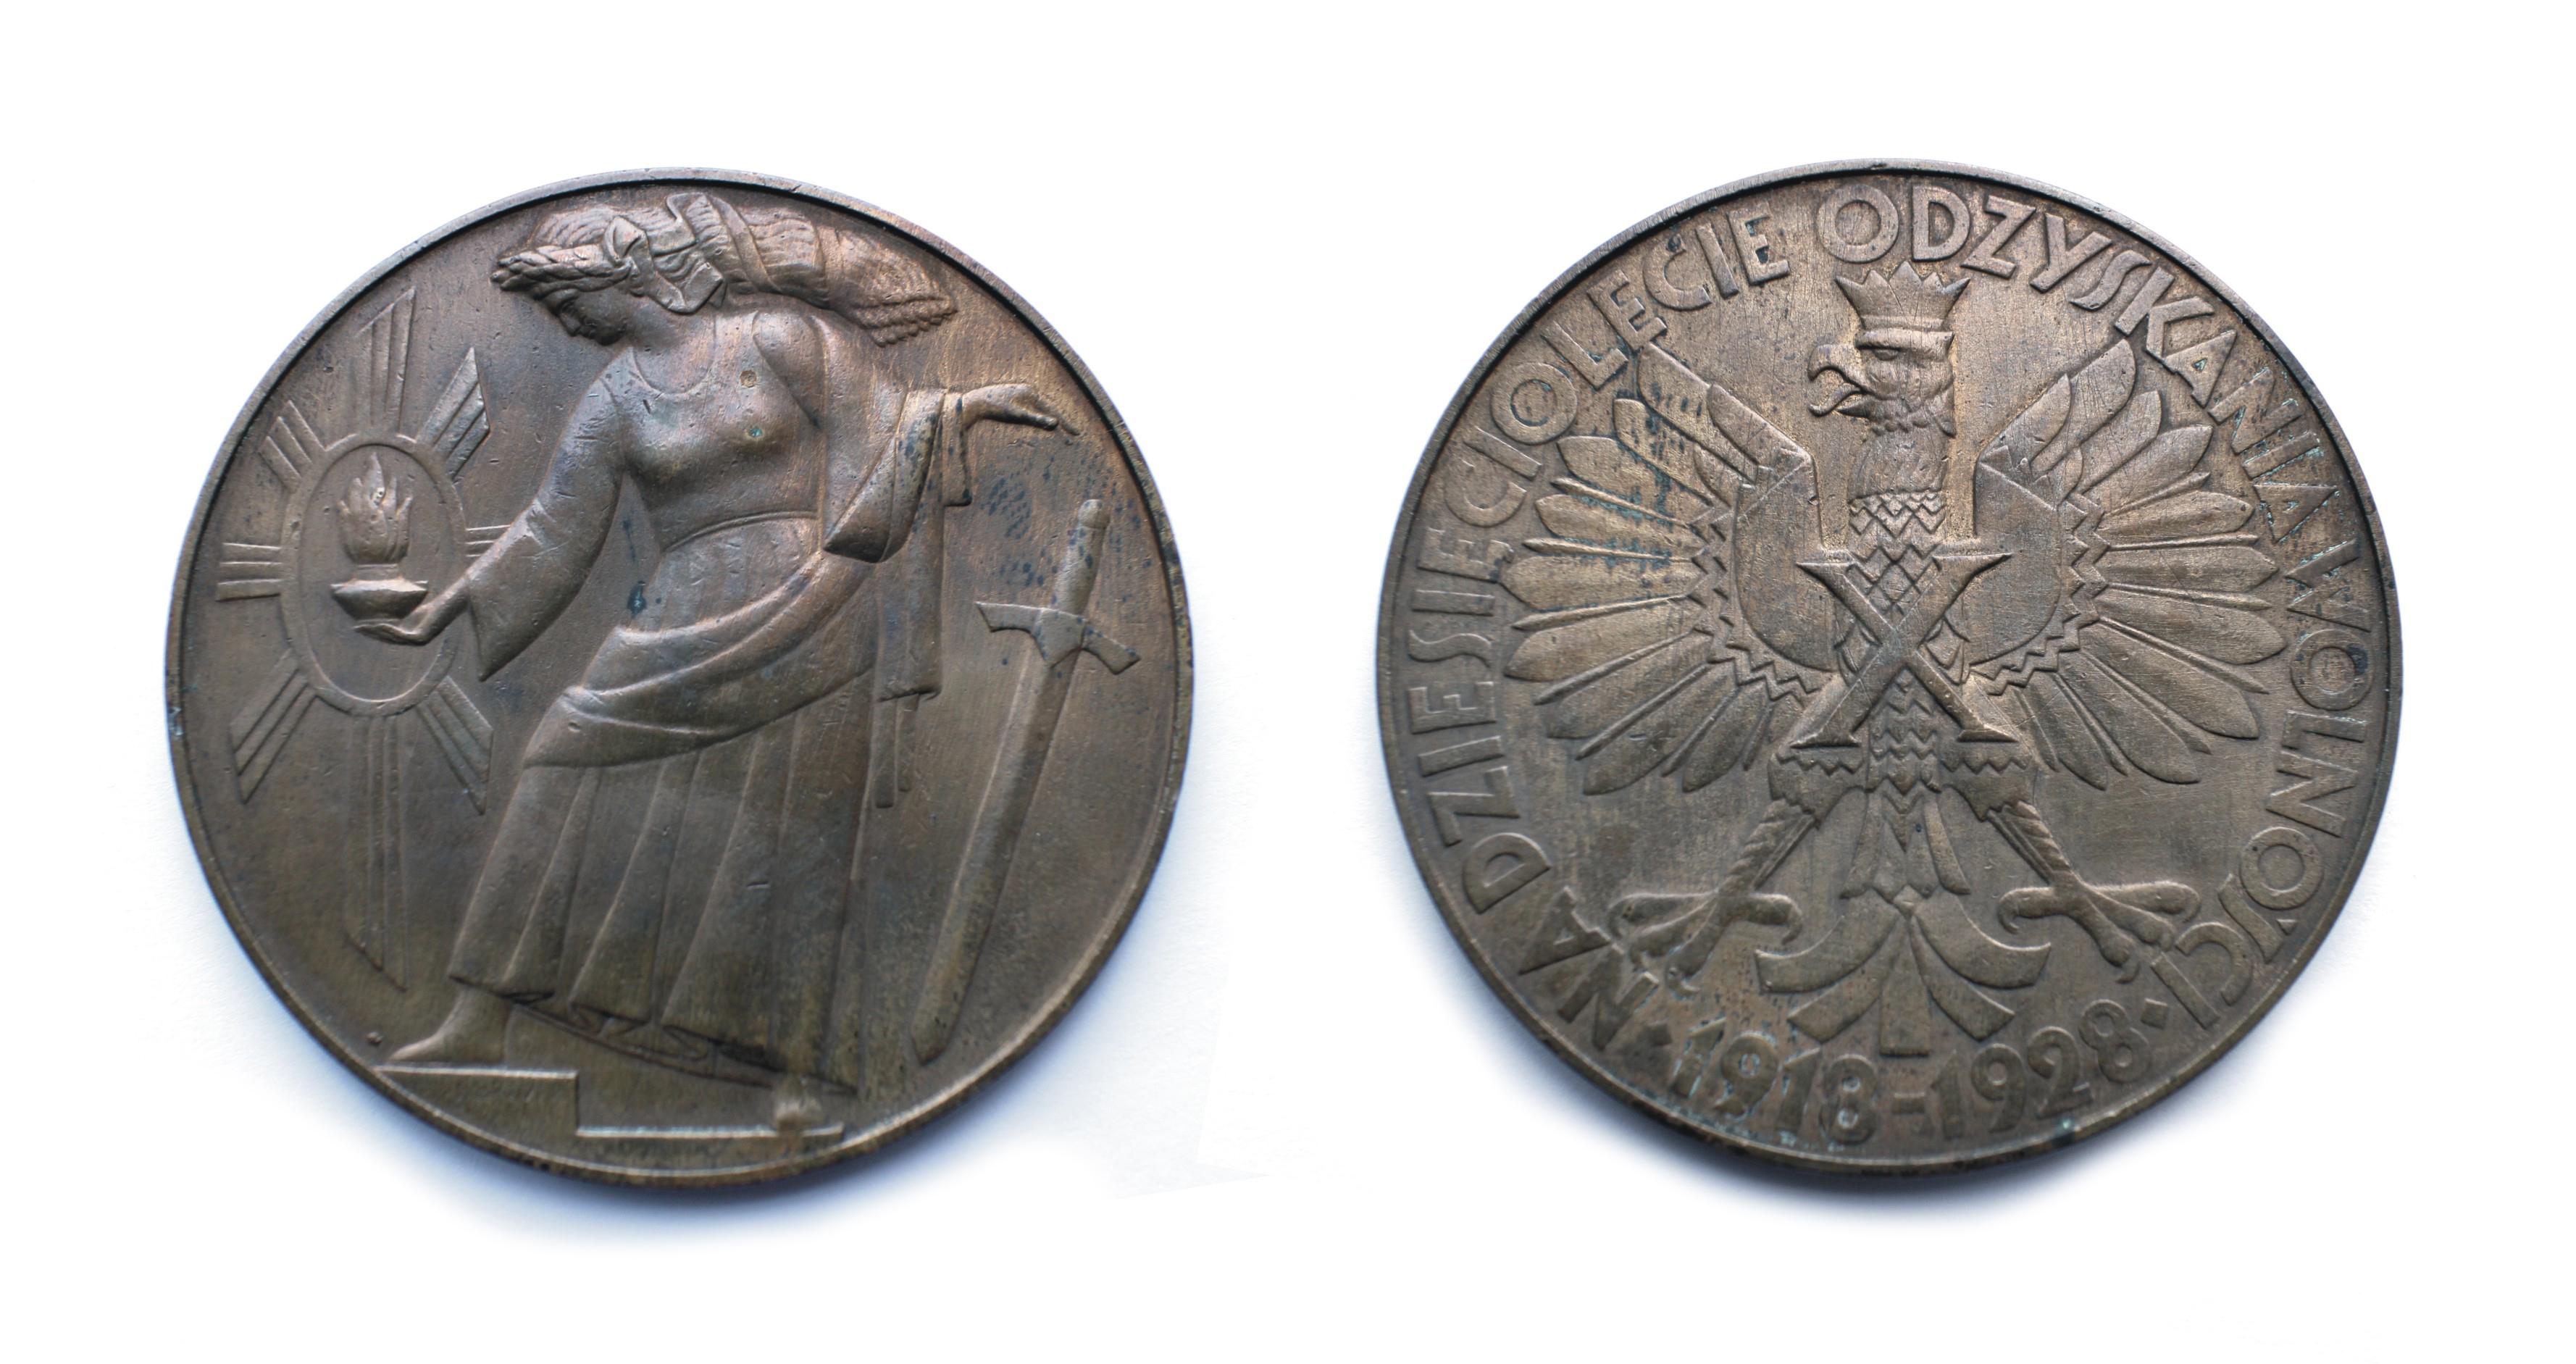 25.-medal-autorstwa-T.-Breyera-NA-DZIESIĘCIOLECIE-ODZYSKANIA-NIEPODLEGŁOŚCI